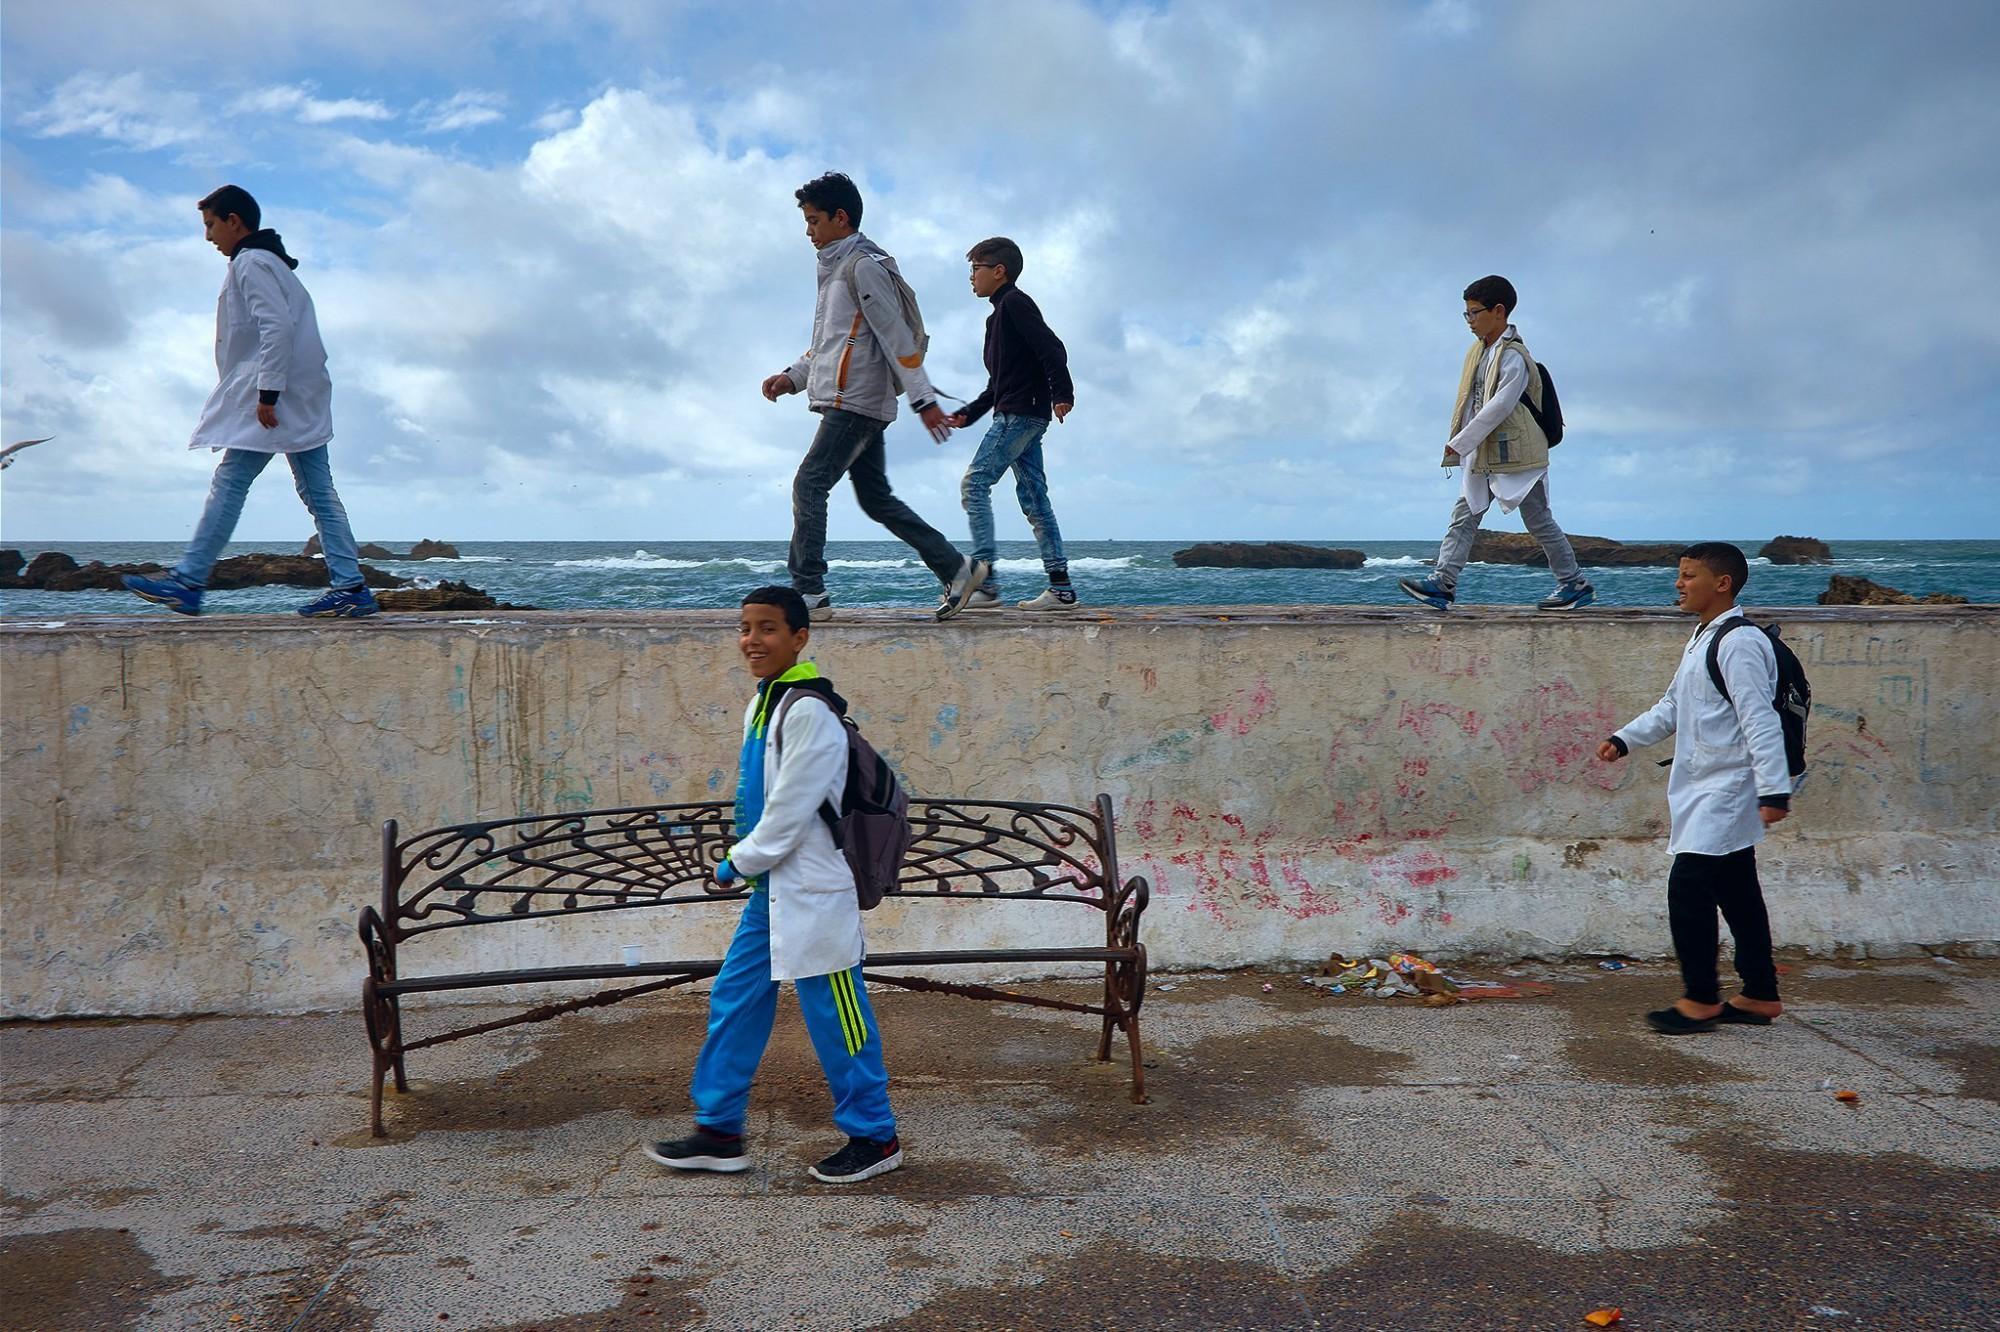 Afbeelding: Naar de school over de zeedijk, Essaouira, Marokko. Reisreportages fotografie, databank met meer als 150.000 beelden.